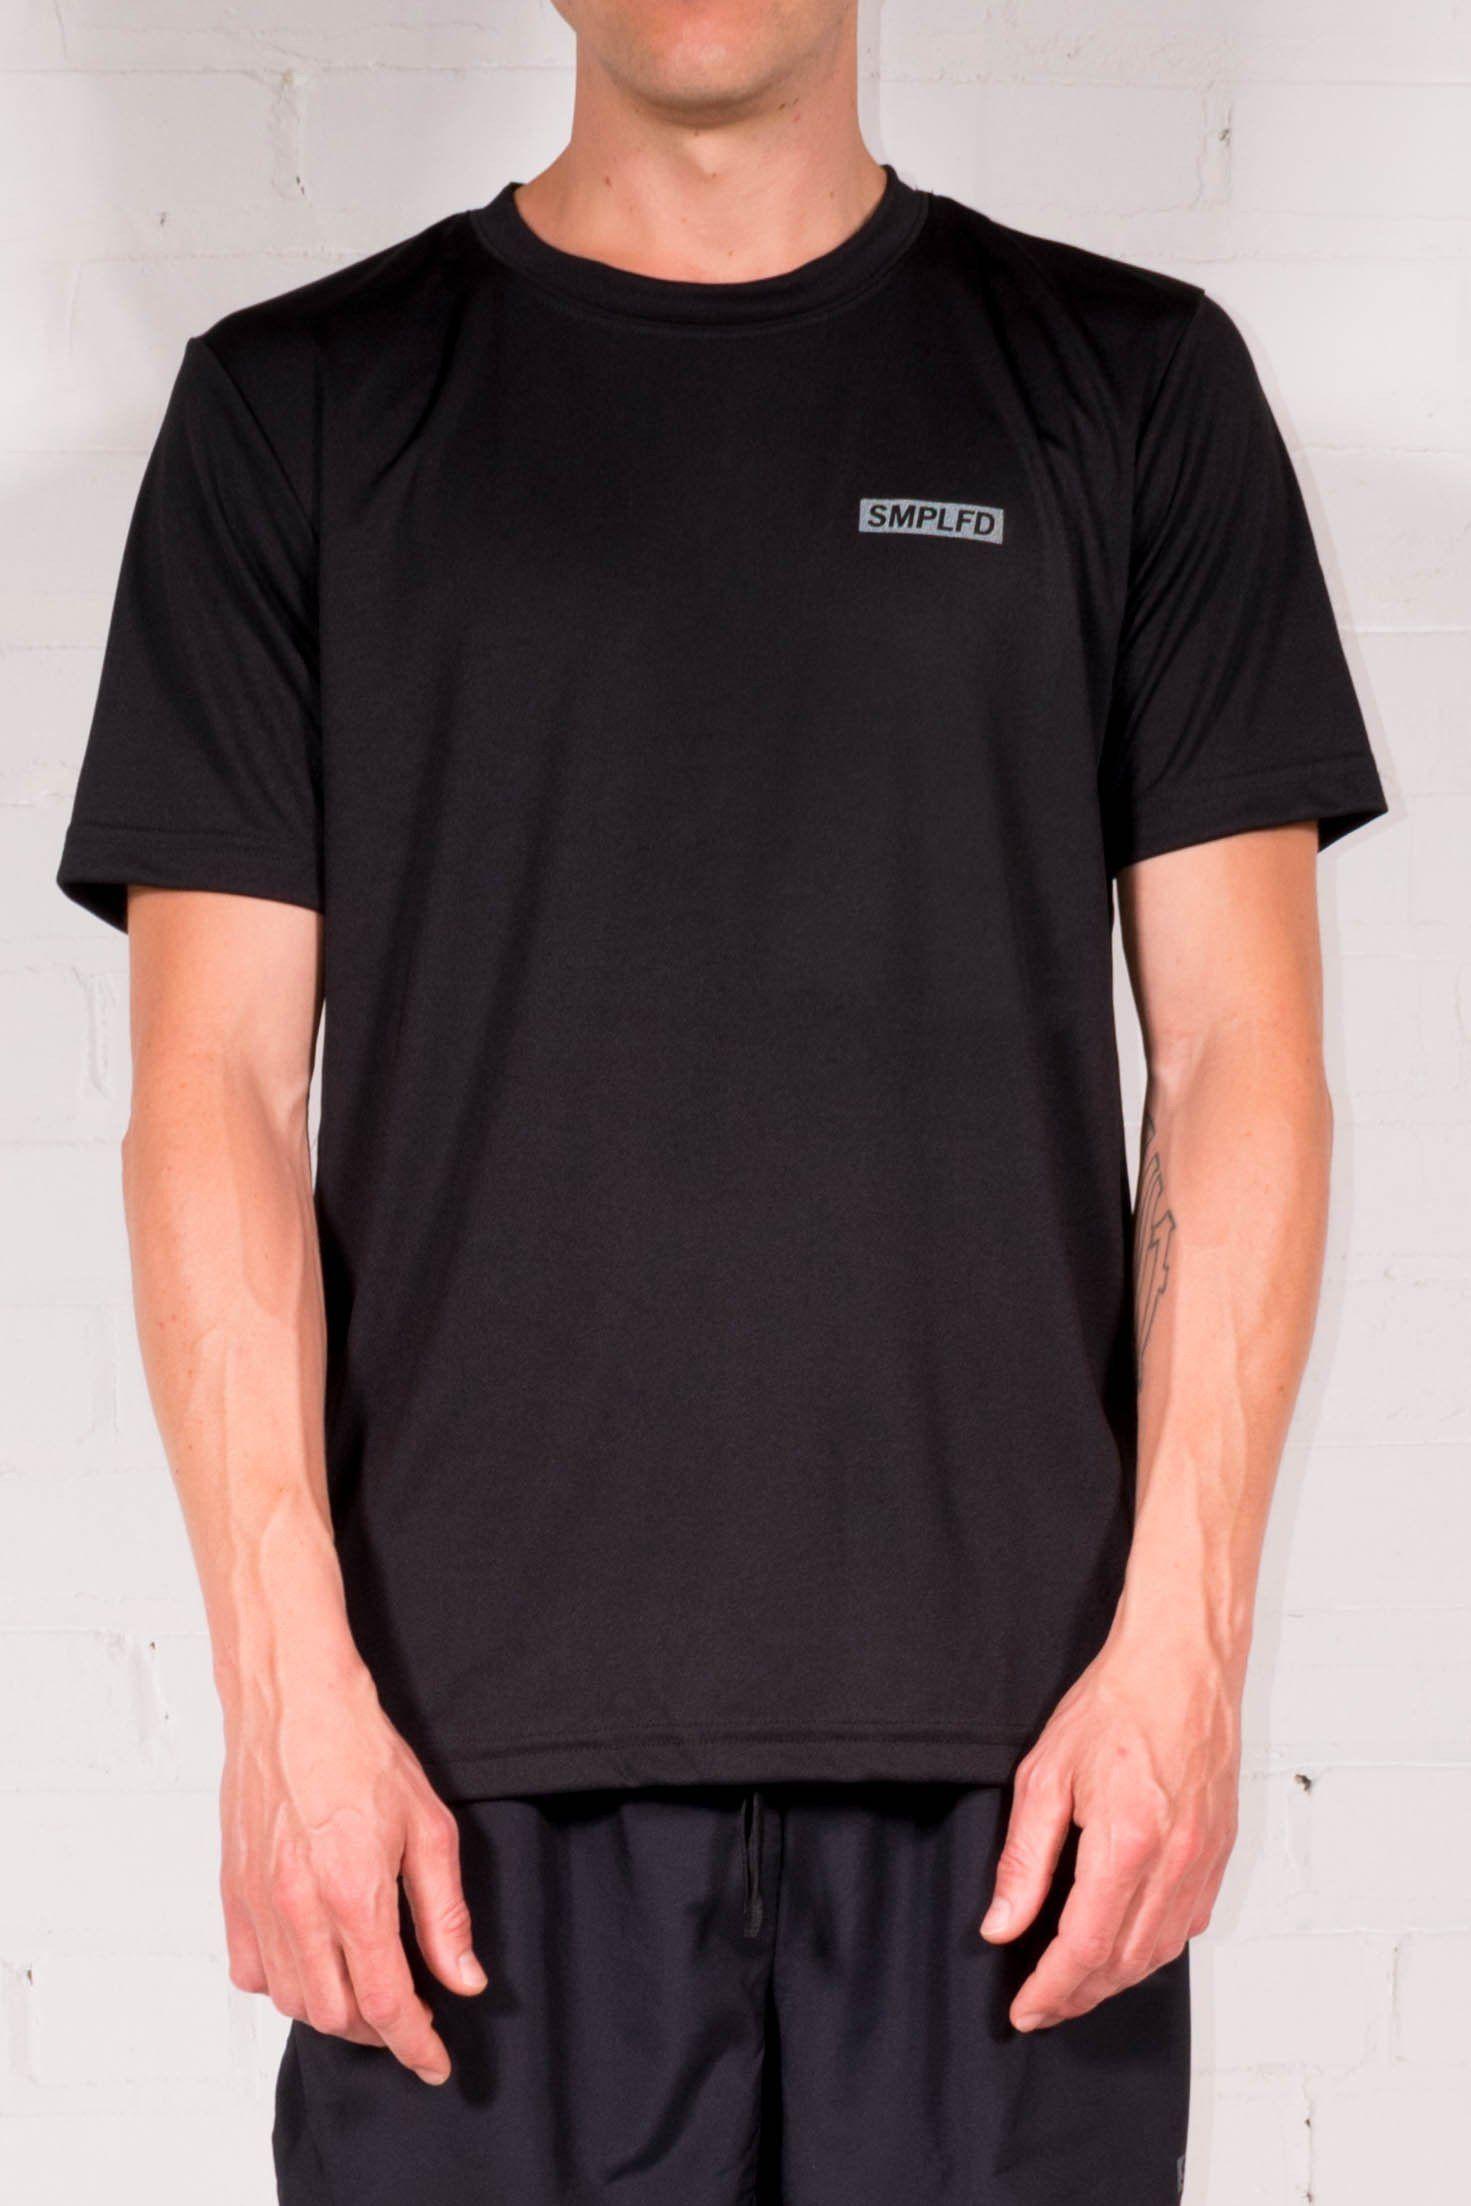 Una se versátil liviana camiseta todo que el usar puede de corta y manga año UqrUW8